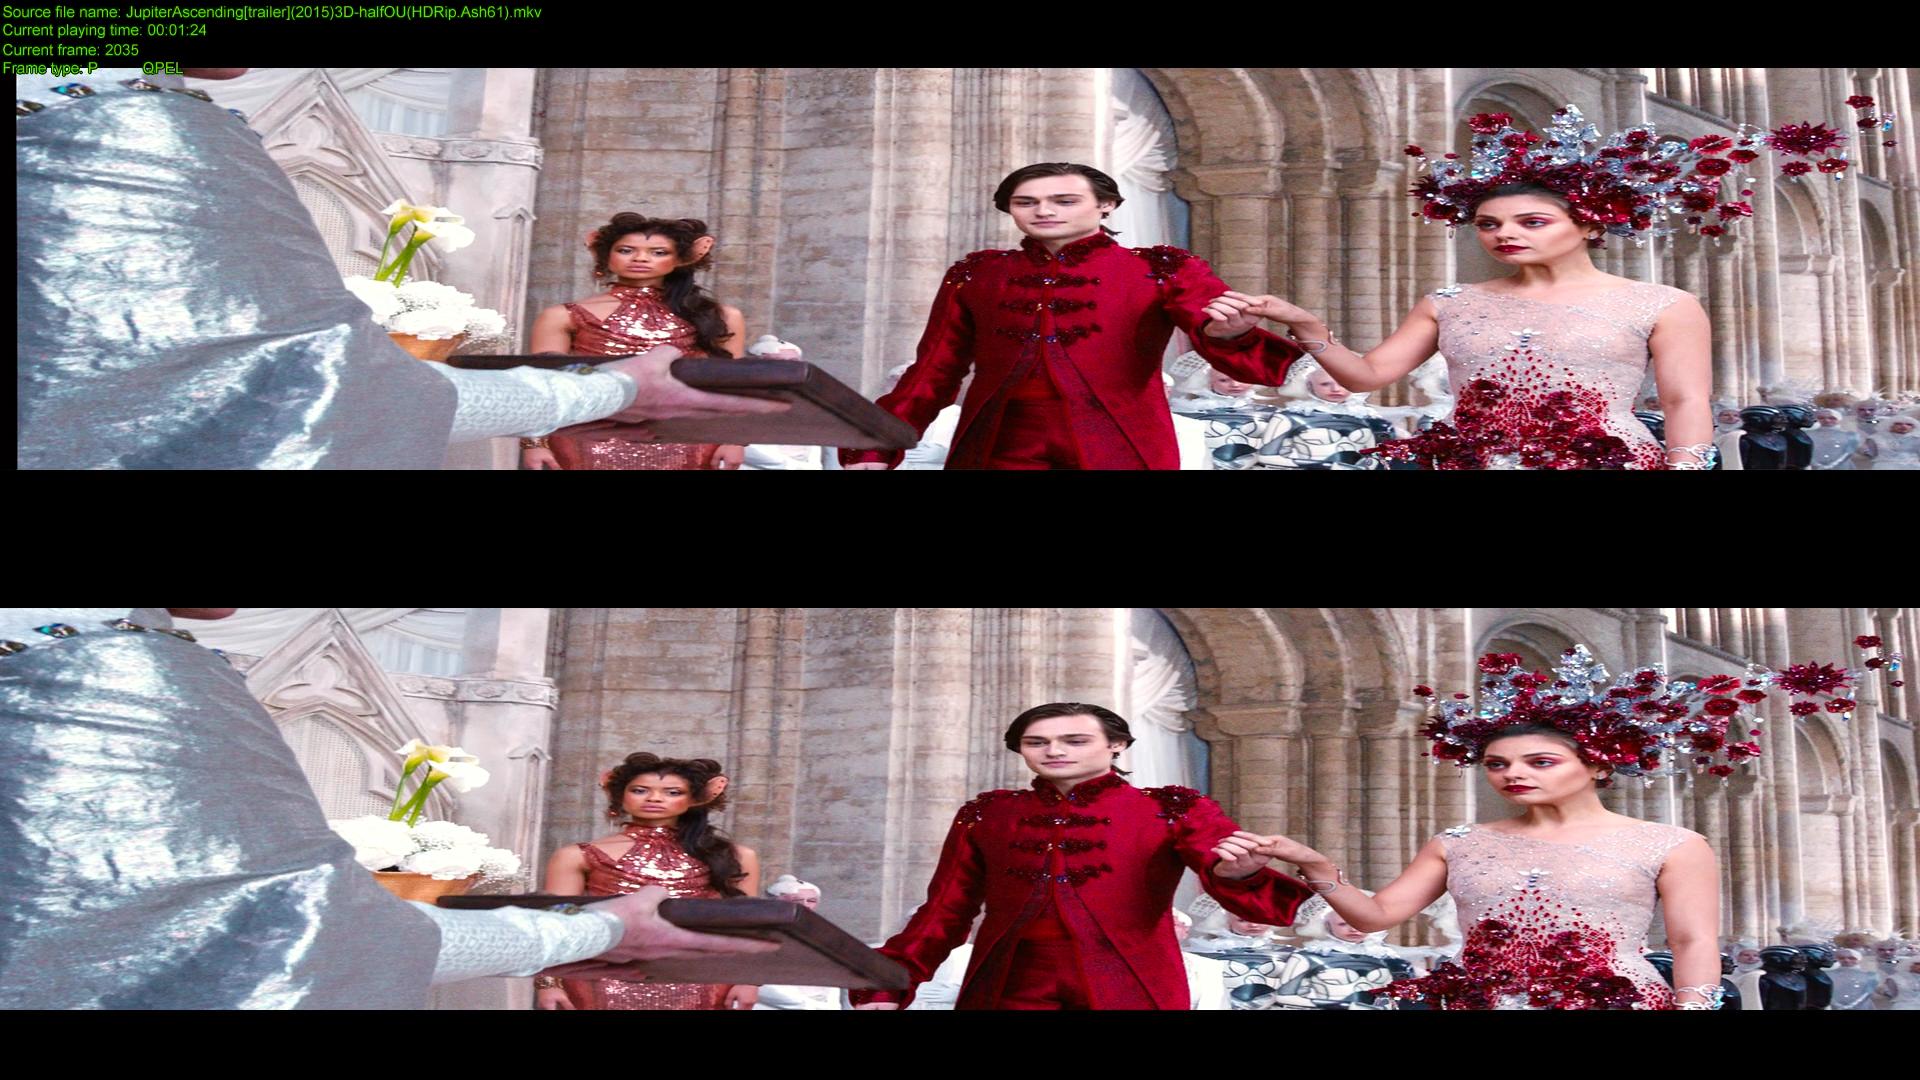 Аватар 3d скачать торрент.